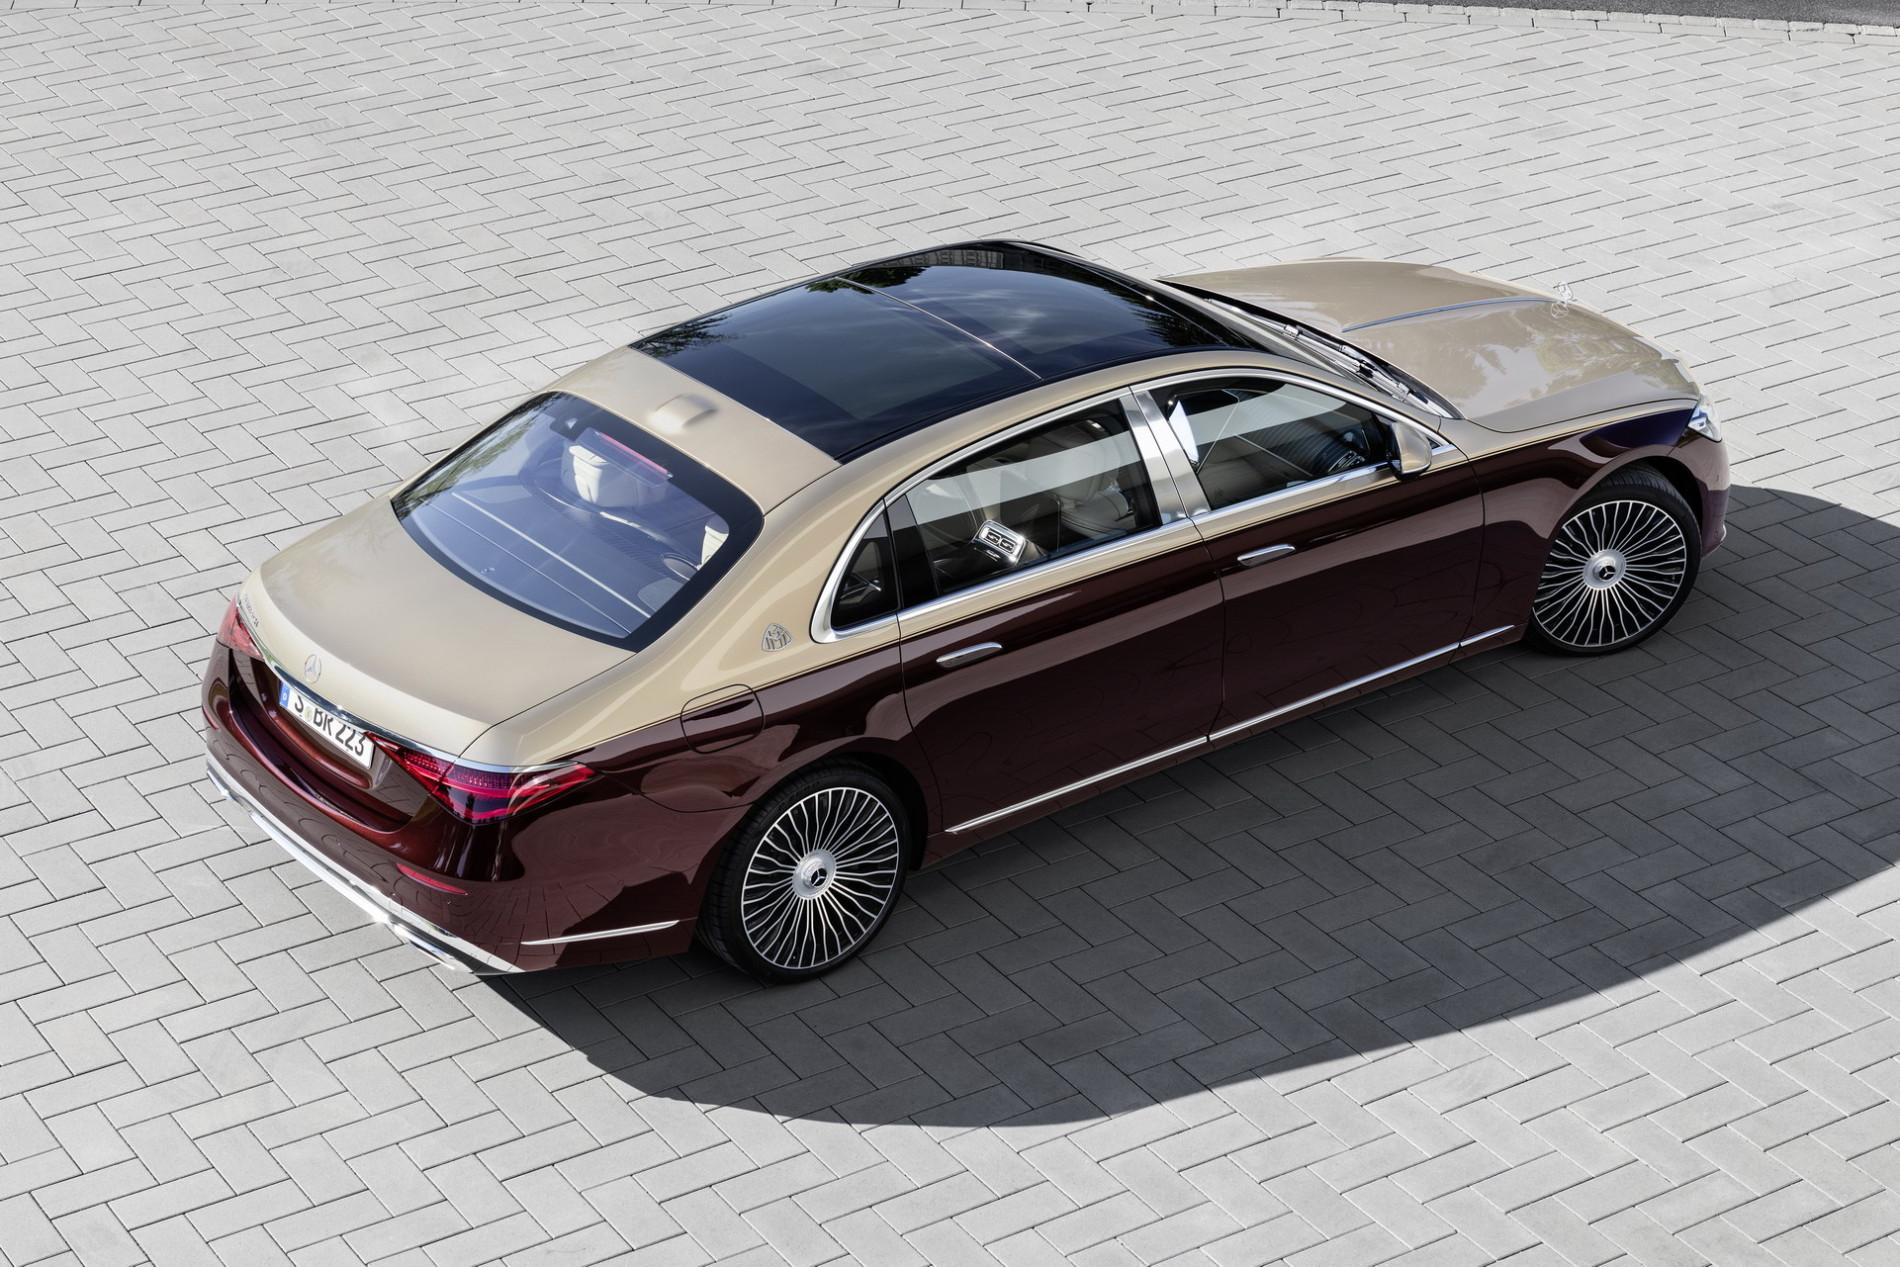 7 masini care pot opri noul Mercedes-Maybach S-Class din drumul sau catre titlul de REGE al limuzinelor de lux - 7 masini care pot opri noul Mercedes-Maybach S-Class din drumul sau catre titlul de REGE al limuzinelor de lux